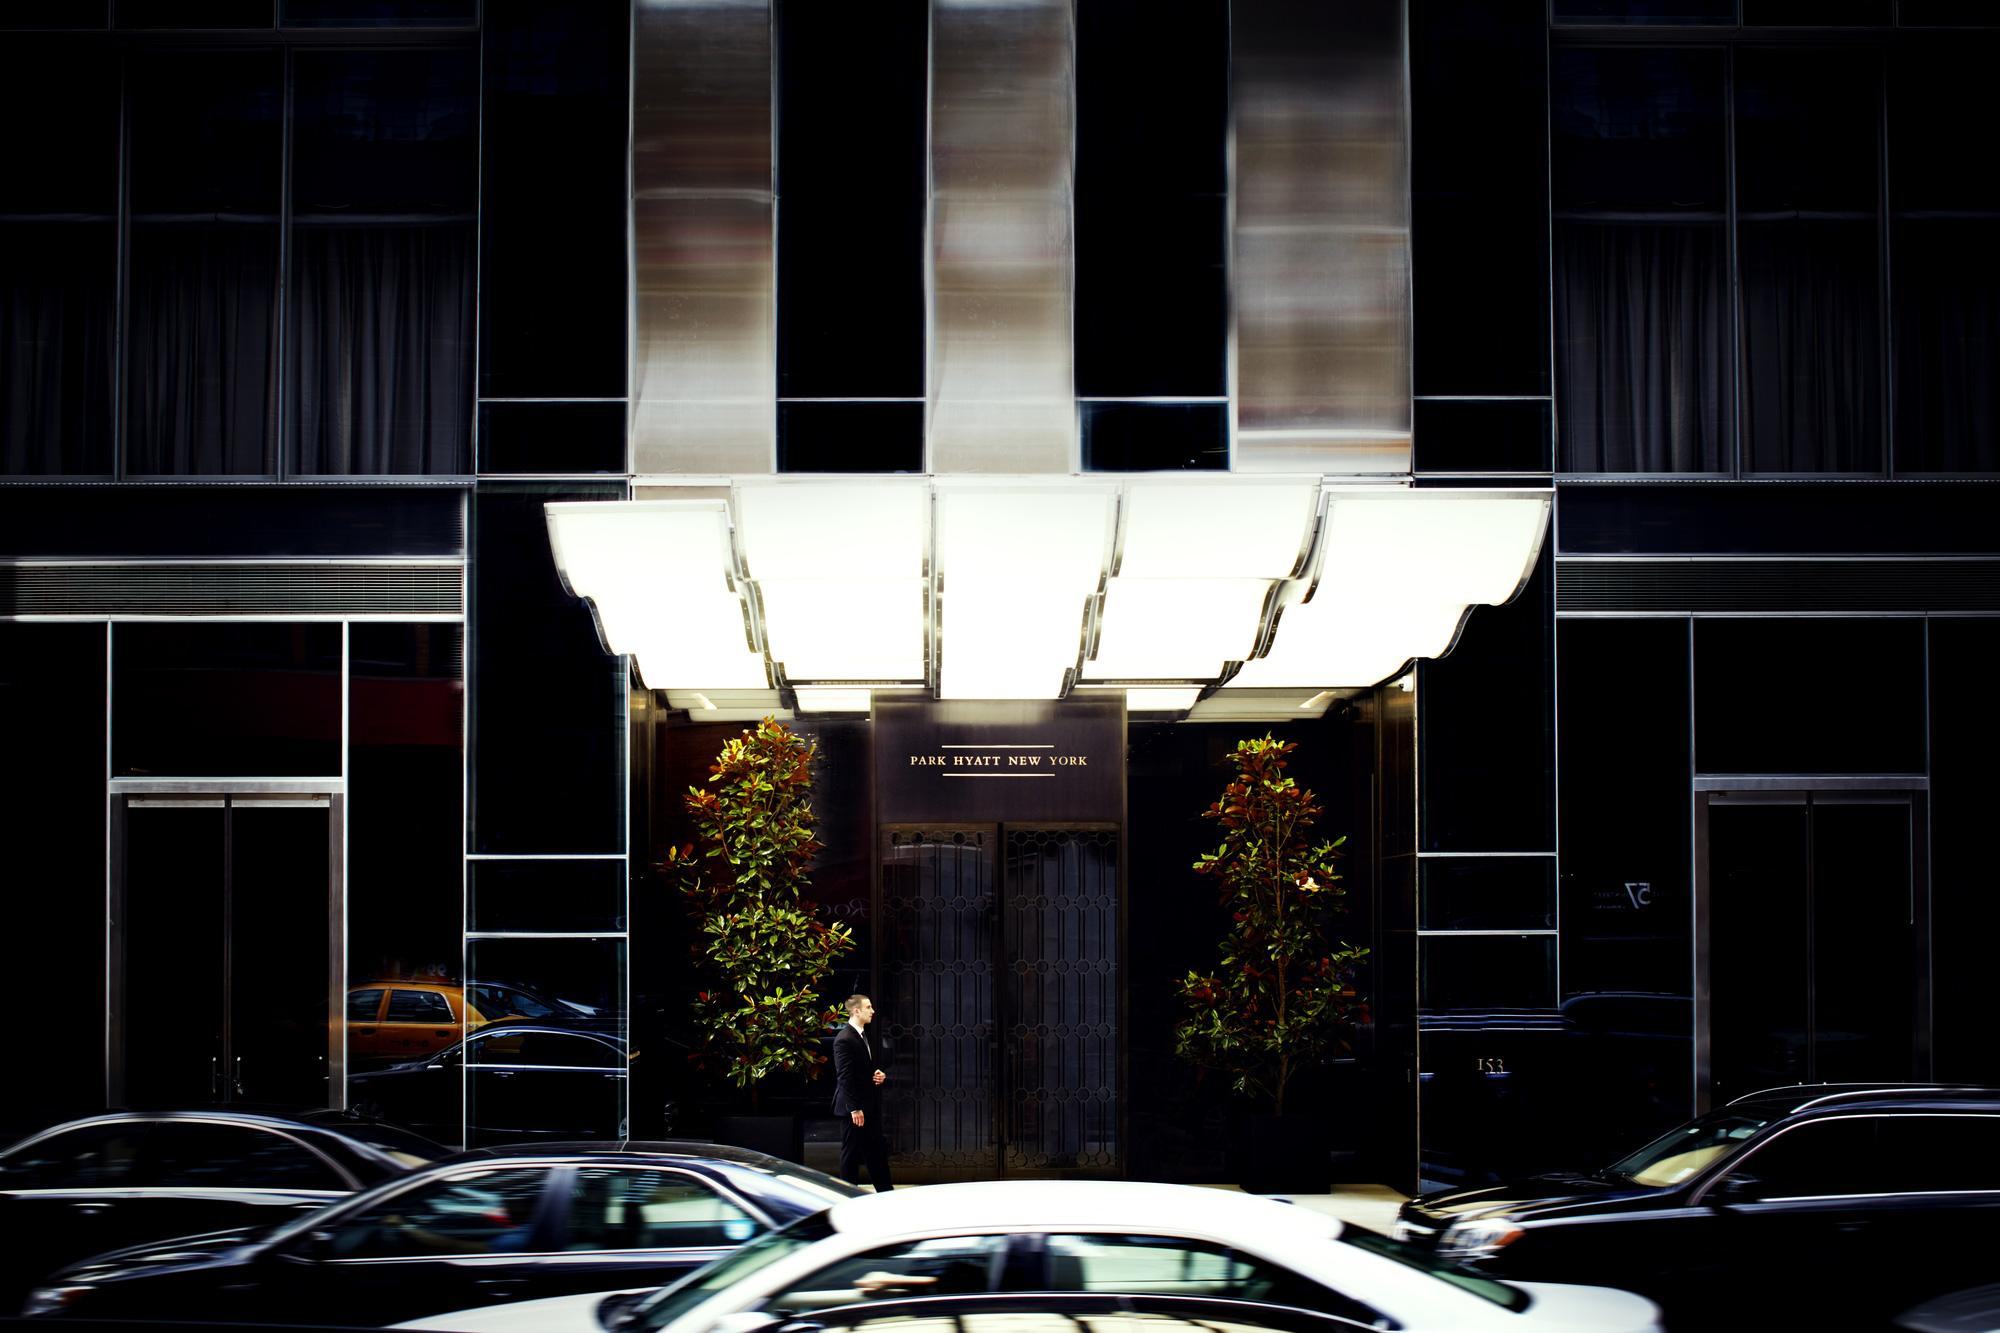 Park Hyatt và bí quyết thành công của một thương hiệu hàng đầu - Ảnh 2.